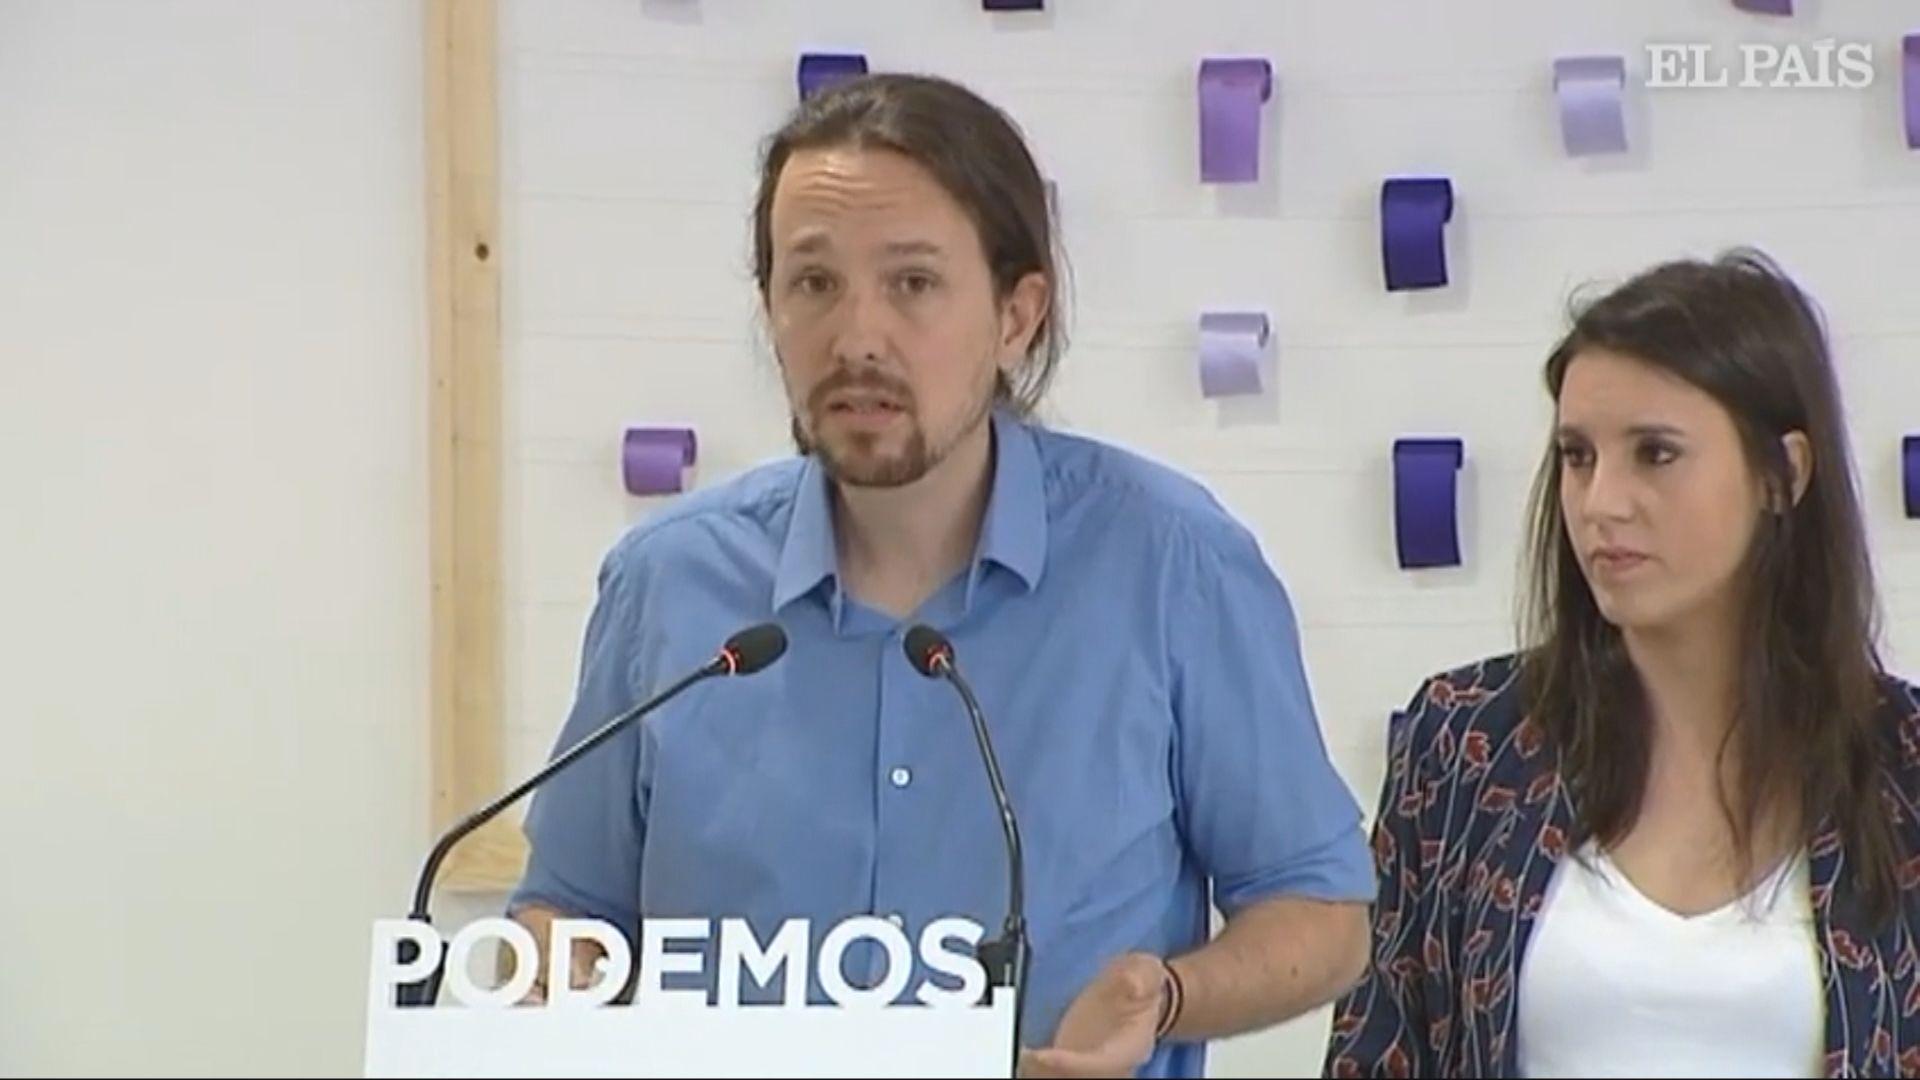 西班牙有內閣部長確診 馬德里政府正考慮封城